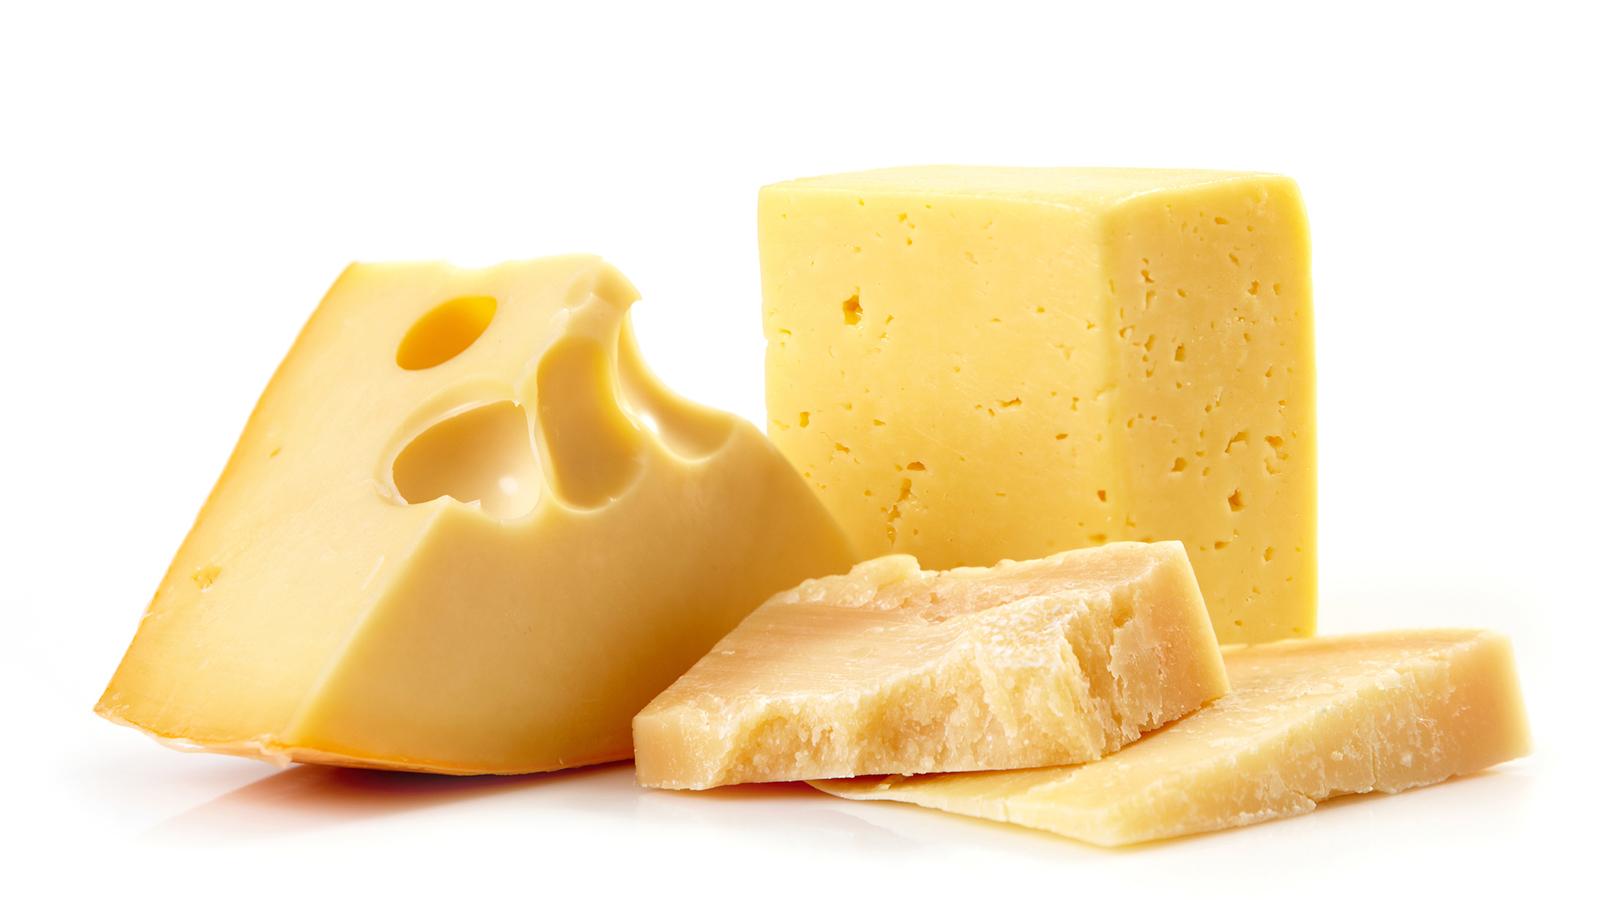 【最新】チーズは避けるべき?糖質制限ダイエットにも使えるチーズの賢い食べ方